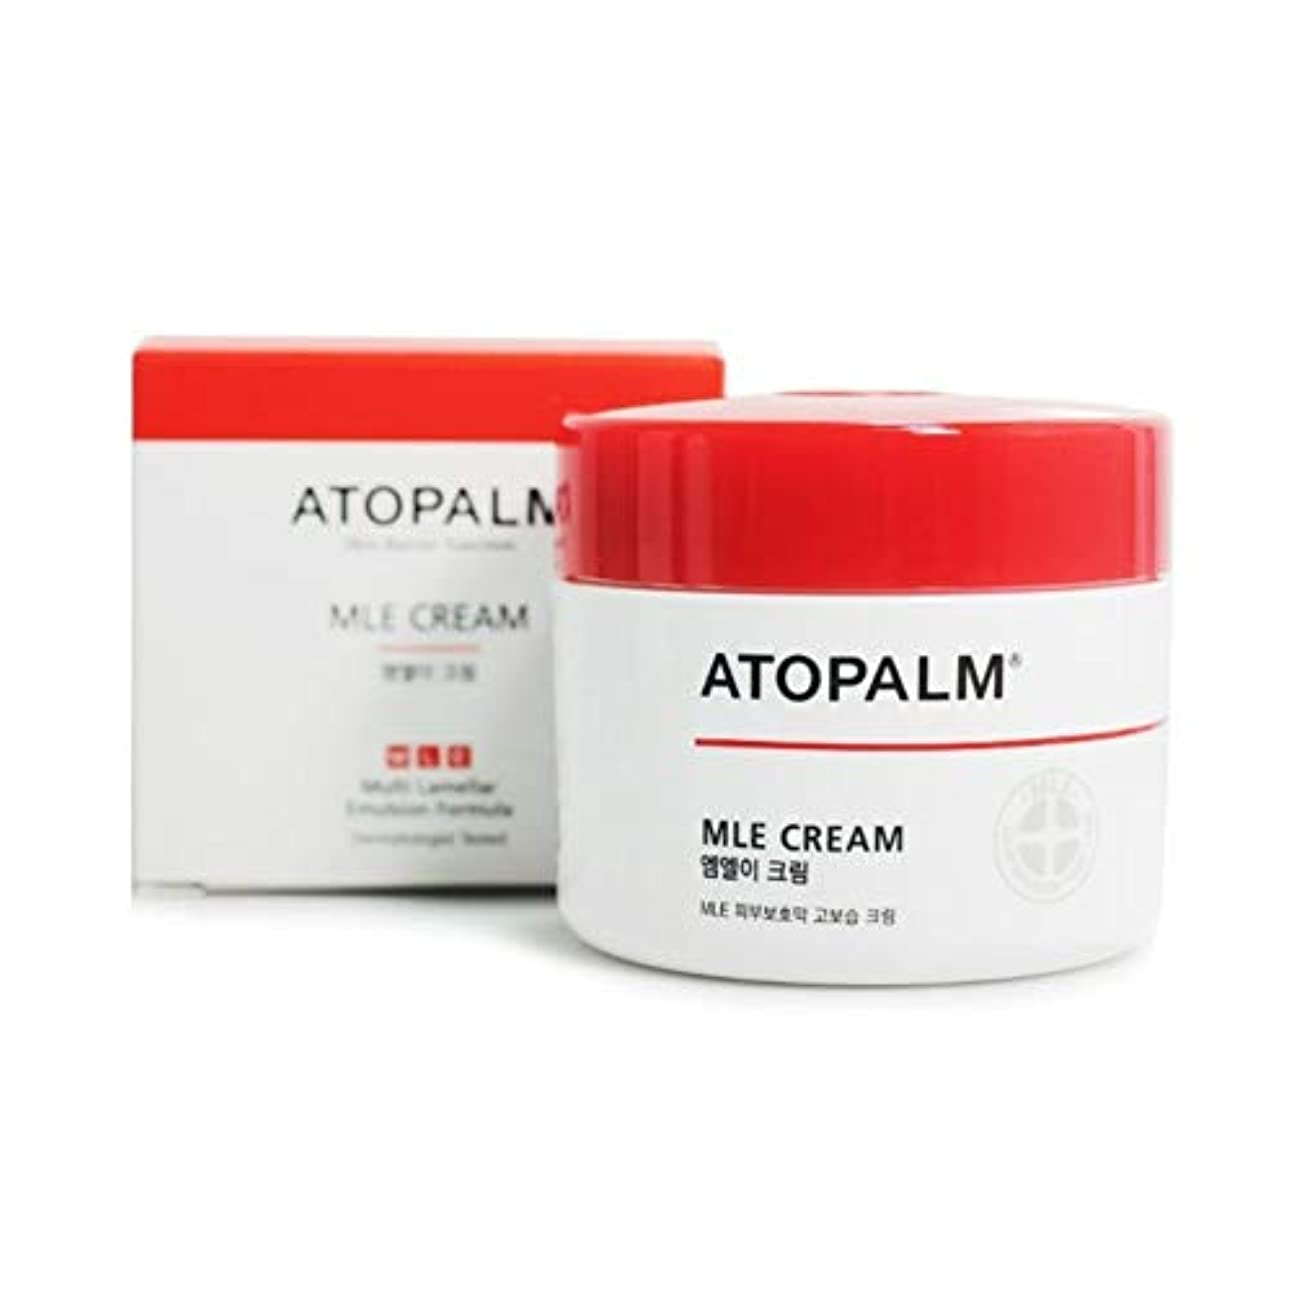 以上羽青写真アトパムMLEクリーム160mlベビークリーム韓国コスメ、Atopalm MLE Cream 160ml Baby Cream Korean Cosmetics [並行輸入品]